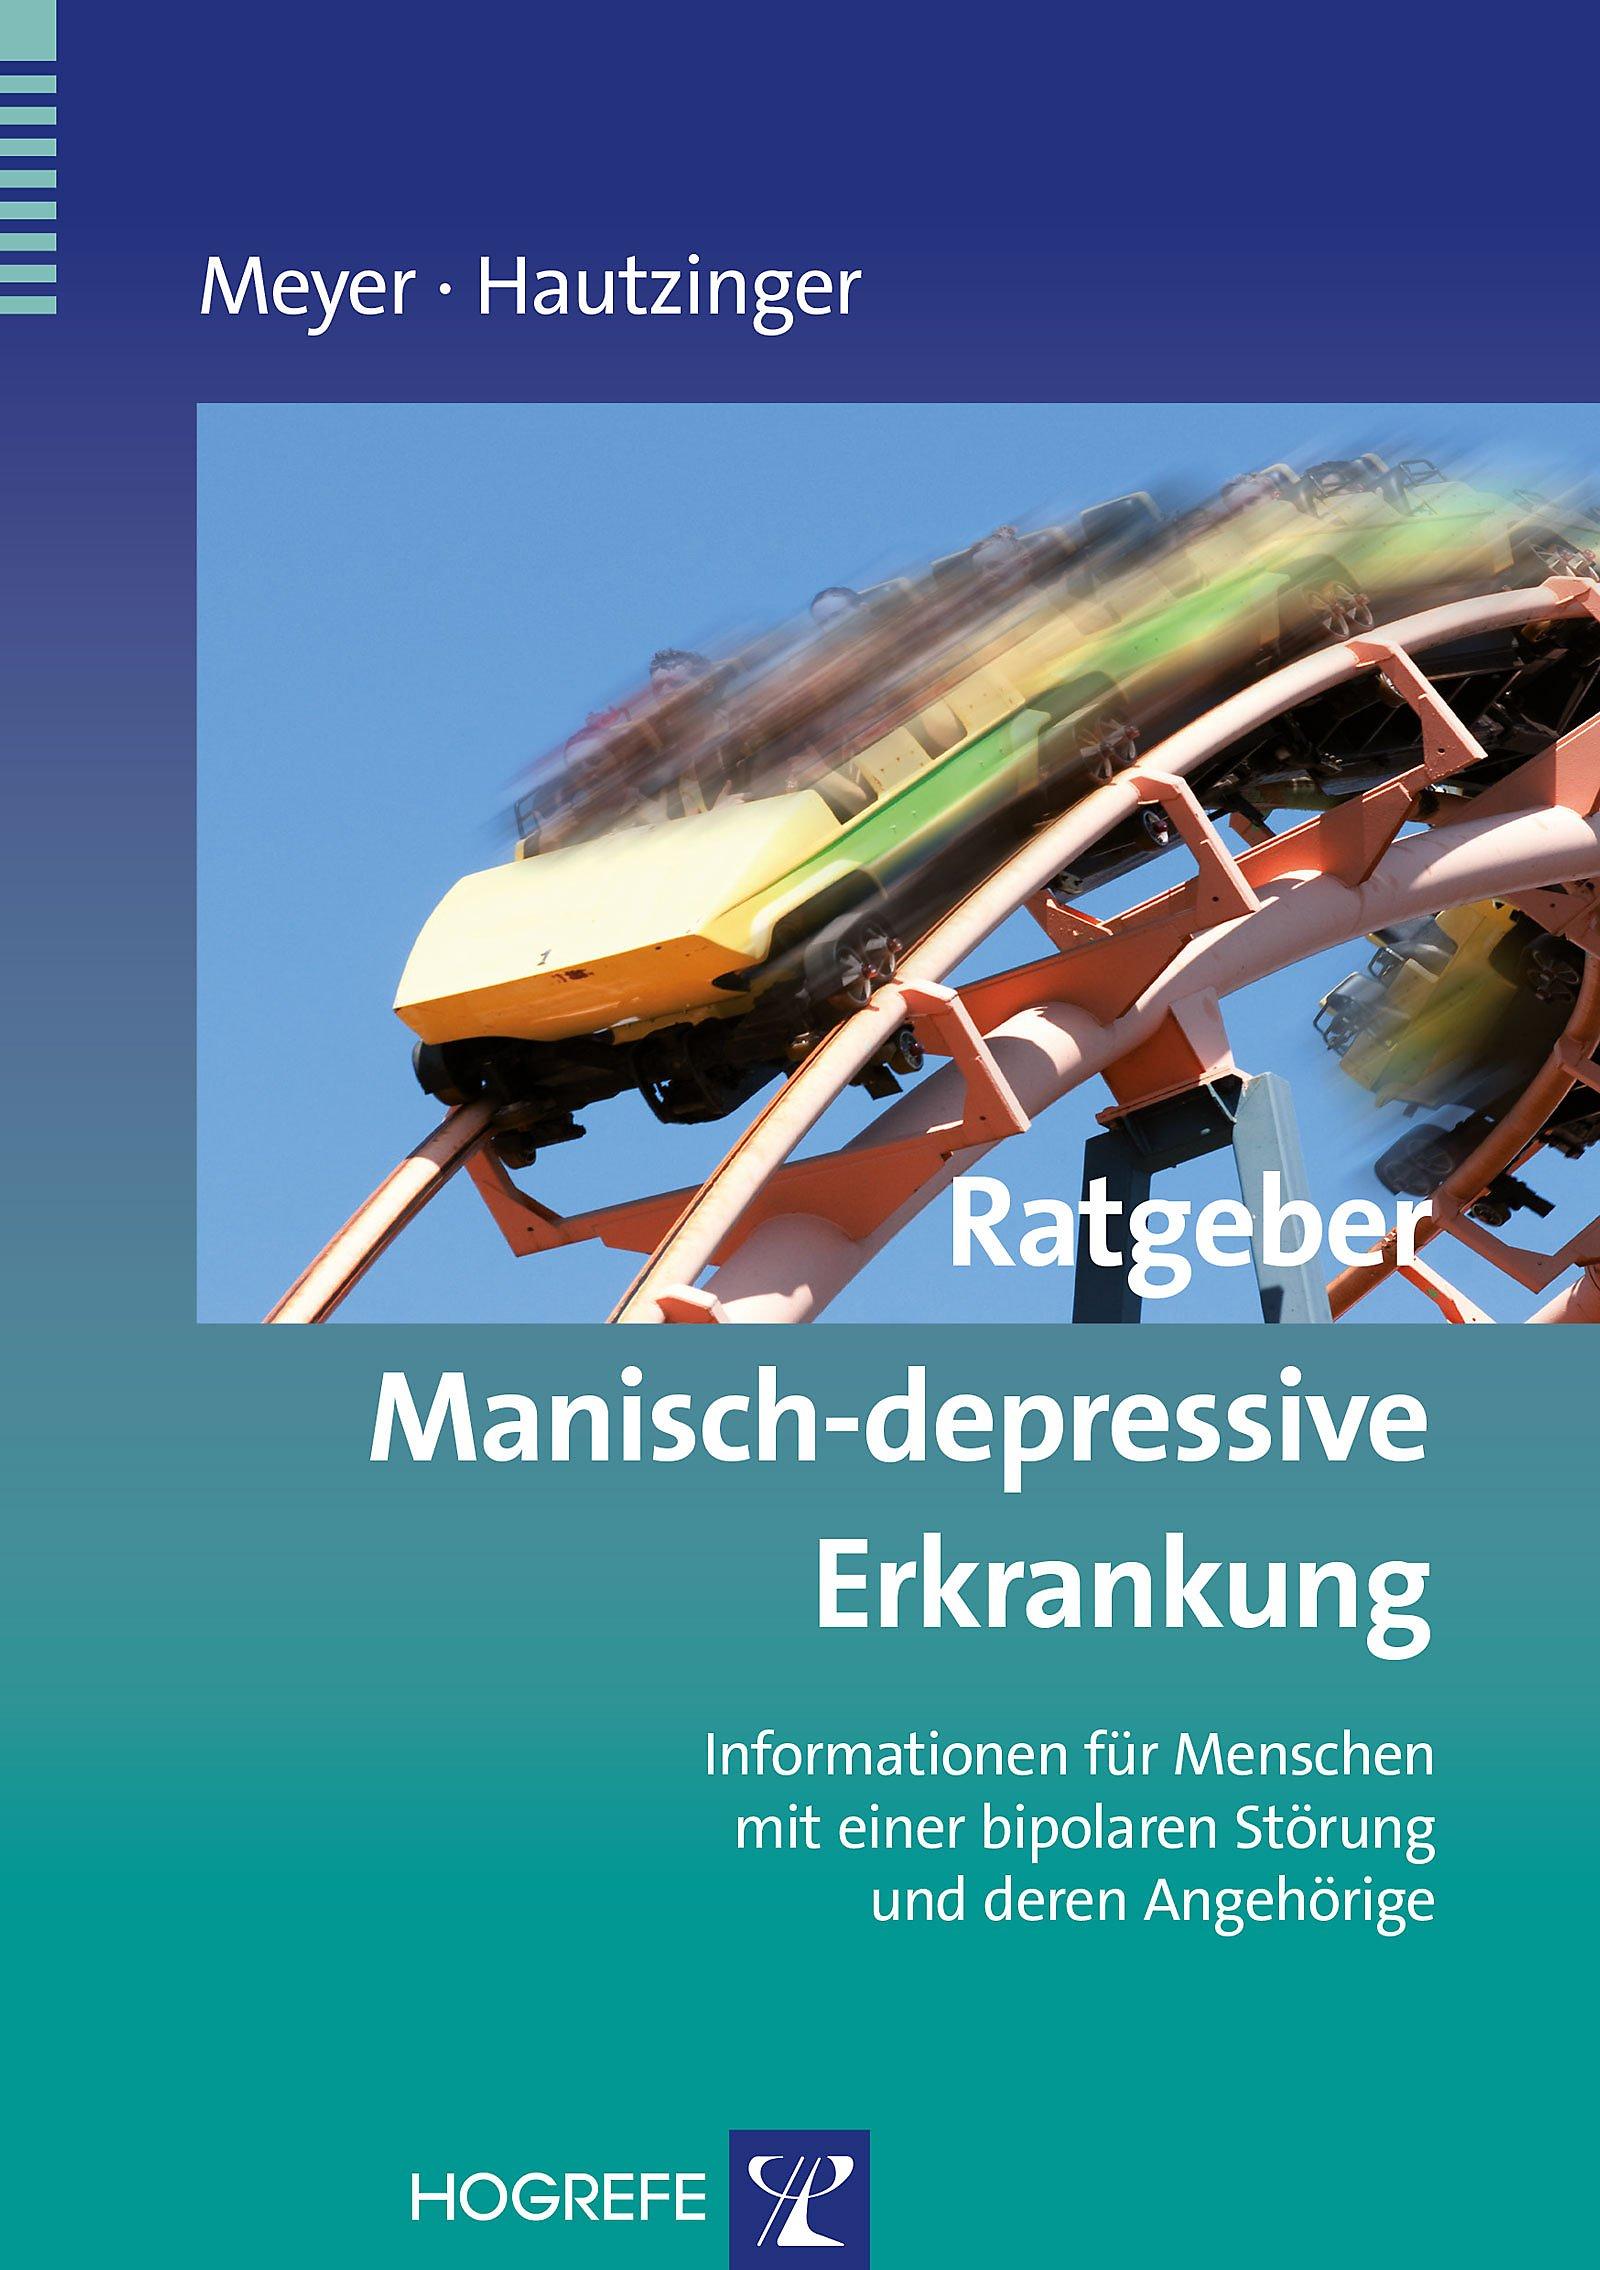 manisch depression